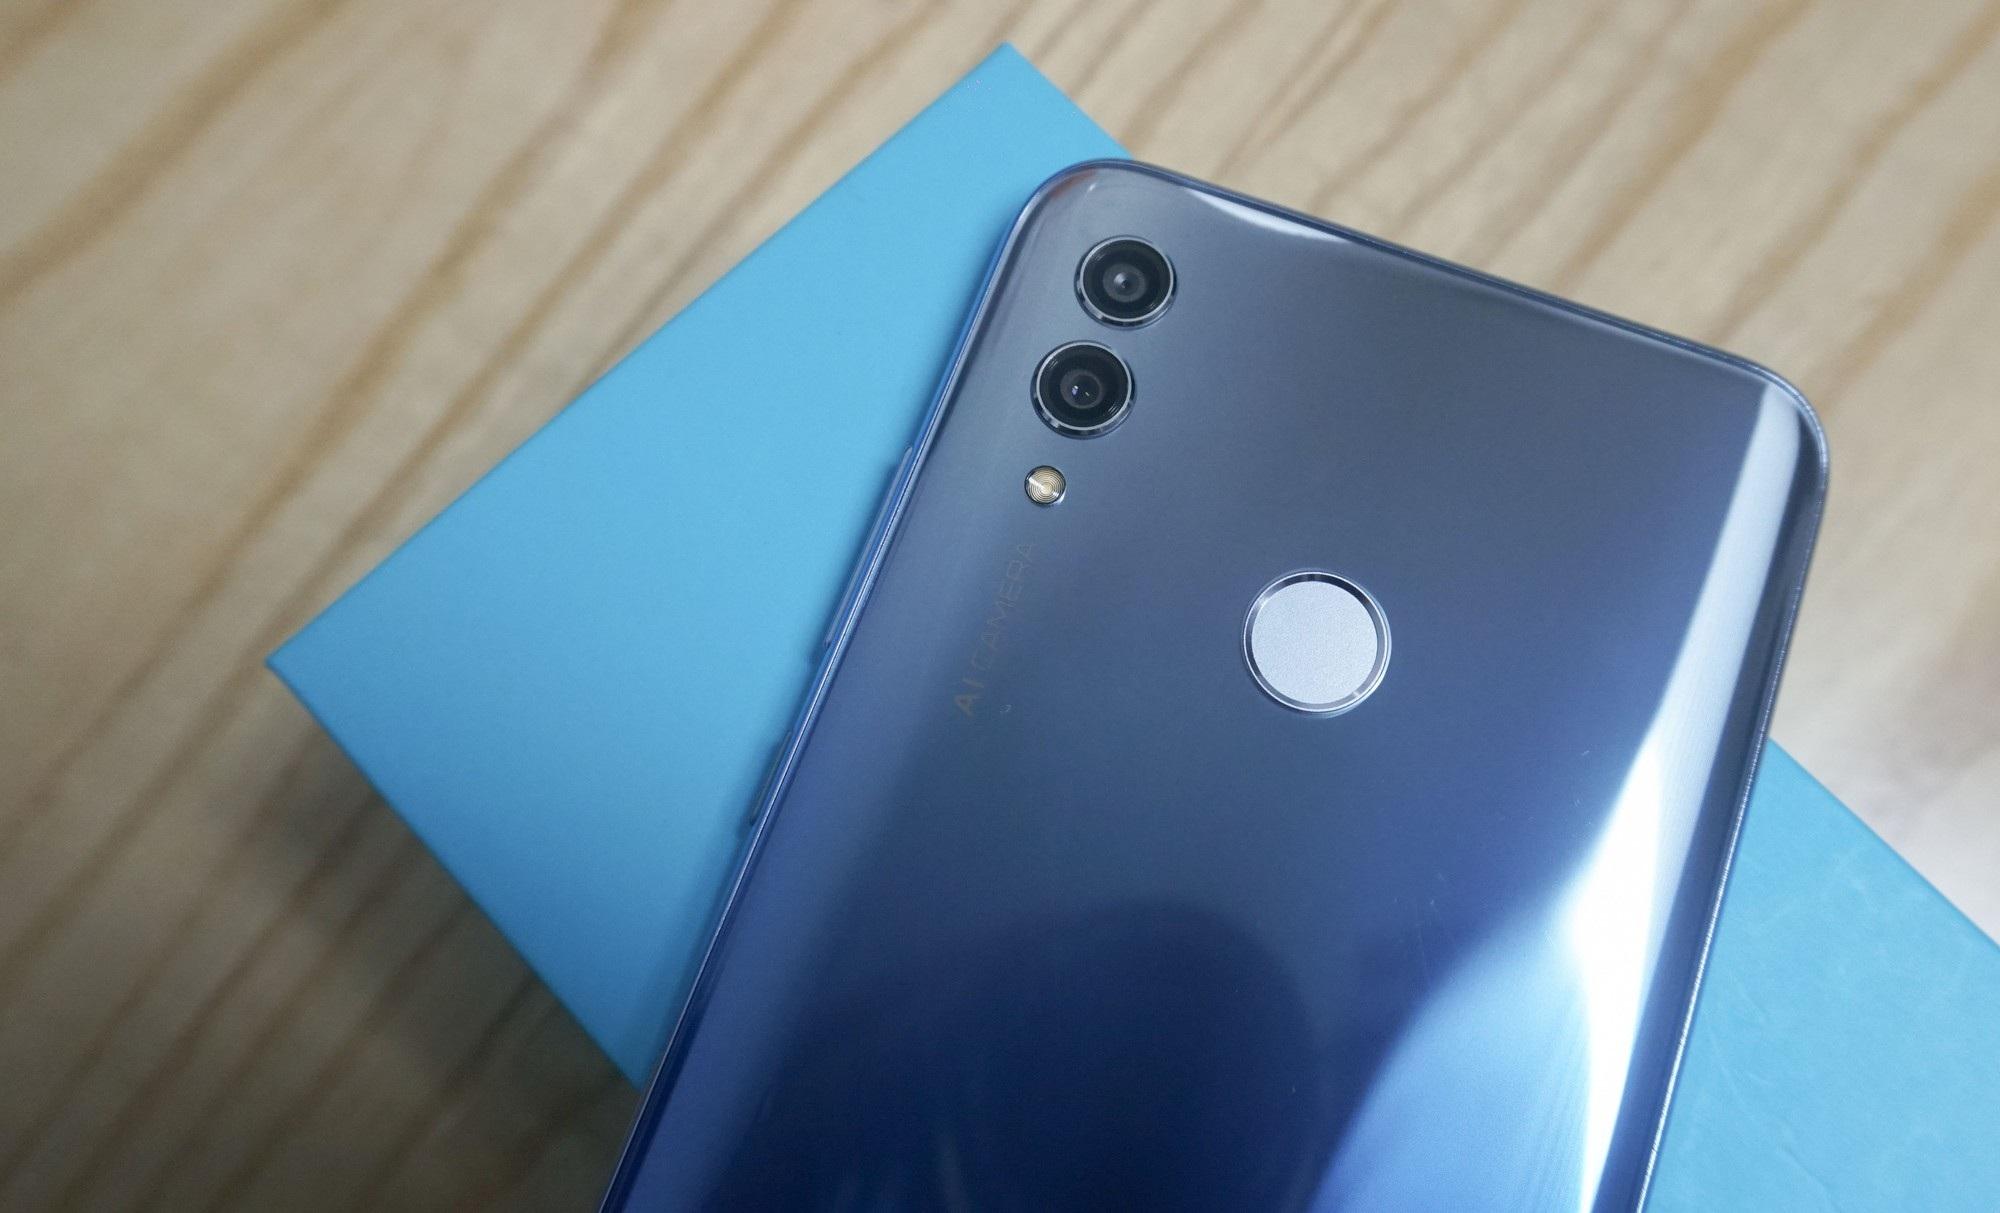 Đập hộp Honor 10 Lite - smartphone tầm trung sắp bán ở Việt Nam với giá khoảng 5 triệu đồng - Ảnh 7.